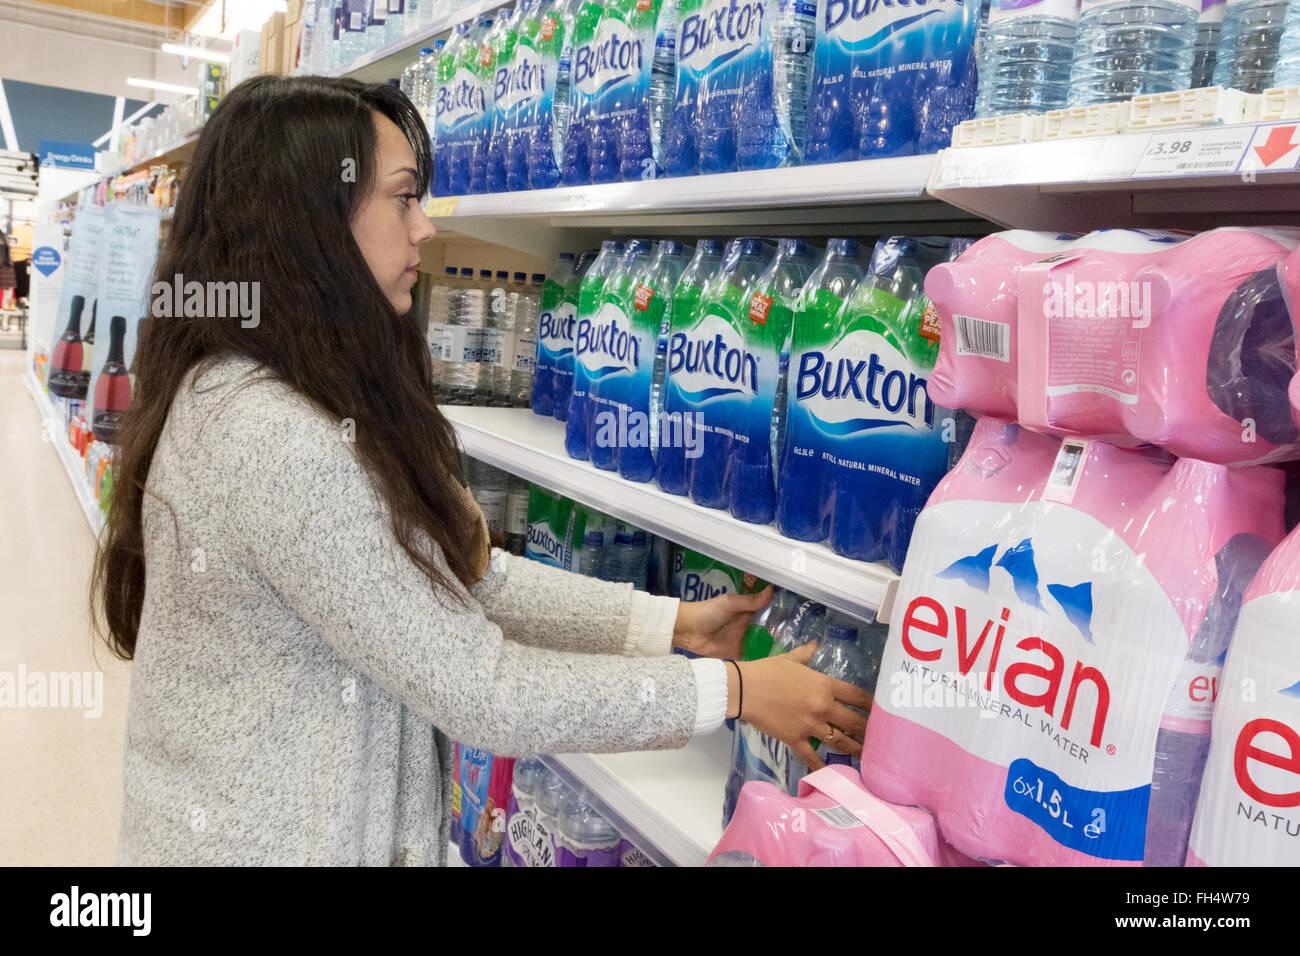 Una joven mujer comprar agua embotellada desde el supermercado Tesco, el interior de la tienda, Suffolk UK Imagen De Stock